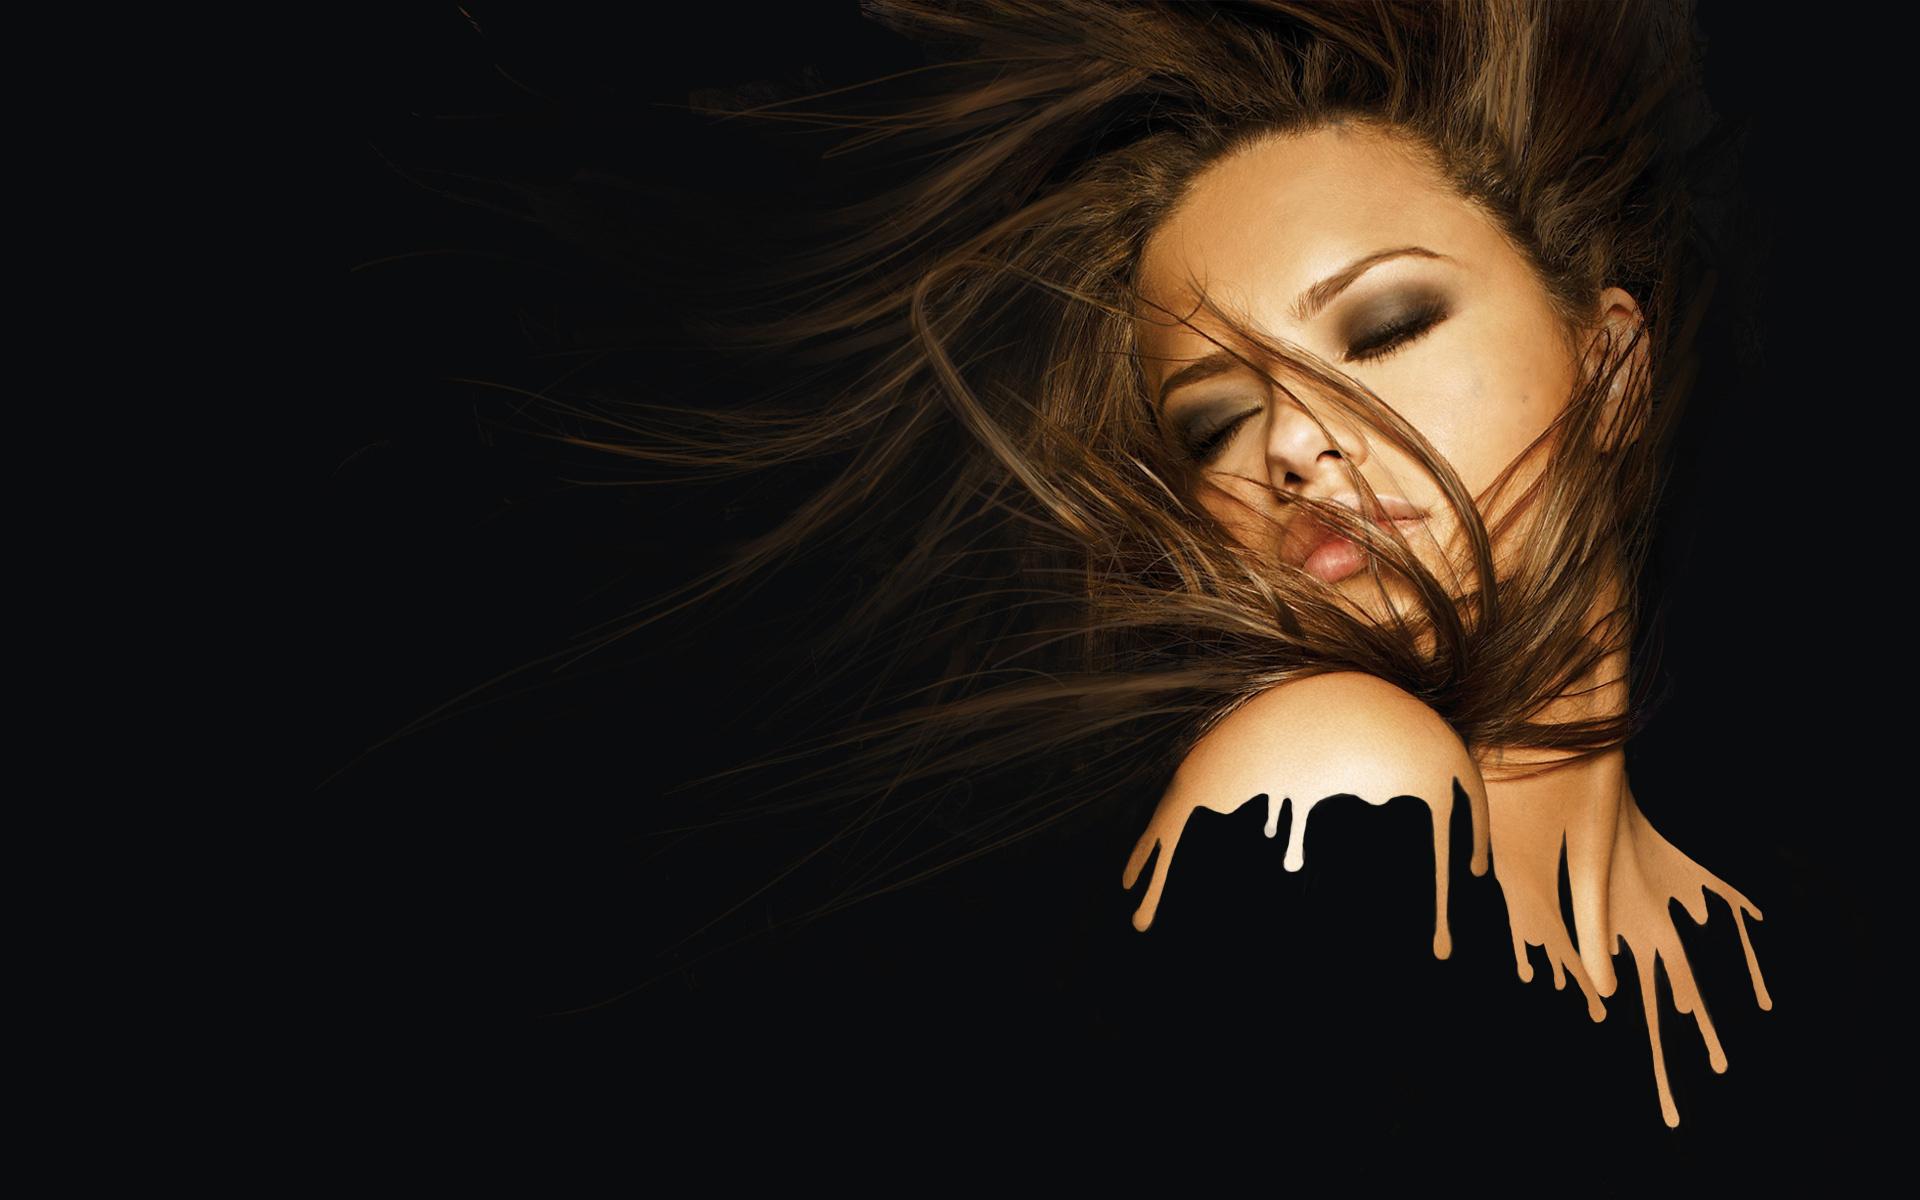 Adriana Lima HD desktop wallpaper Widescreen High Definition